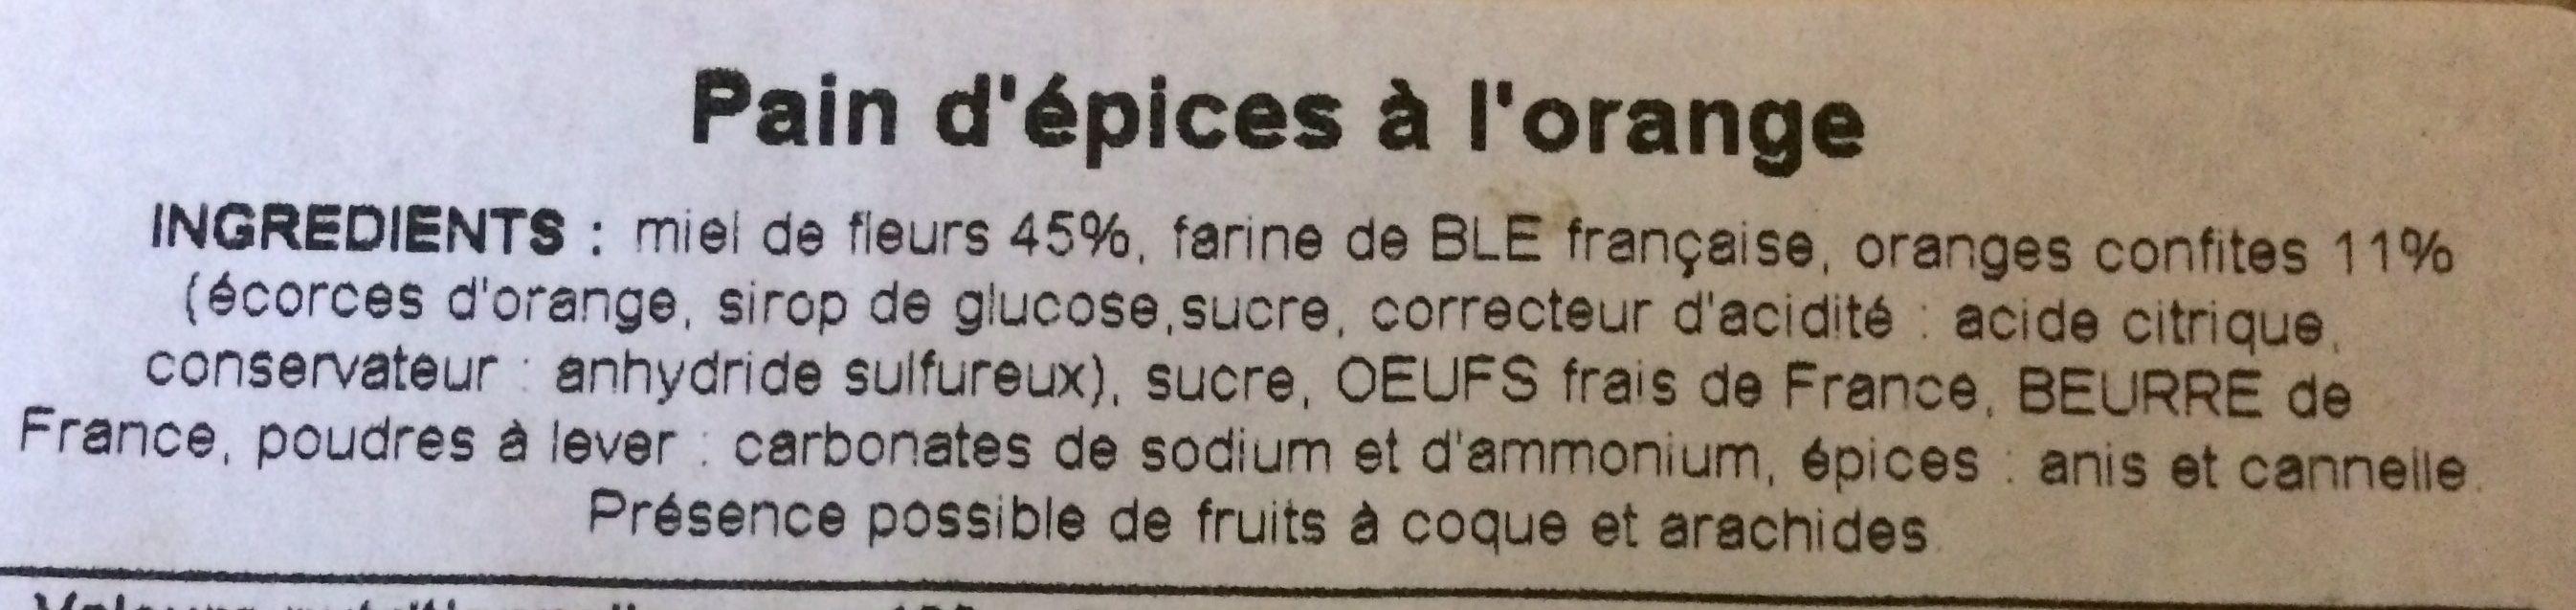 Pain d'epice à l'orange - Ingredients